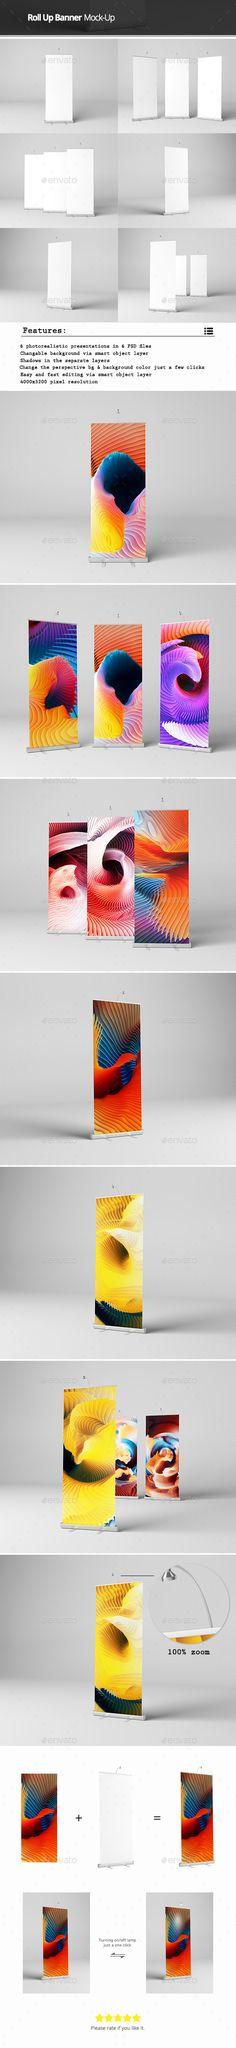 Roll Up Banner Mock-Up #design Download: http://graphicriver.net/item/roll-up-banner-mockup/12849901?ref=ksioks